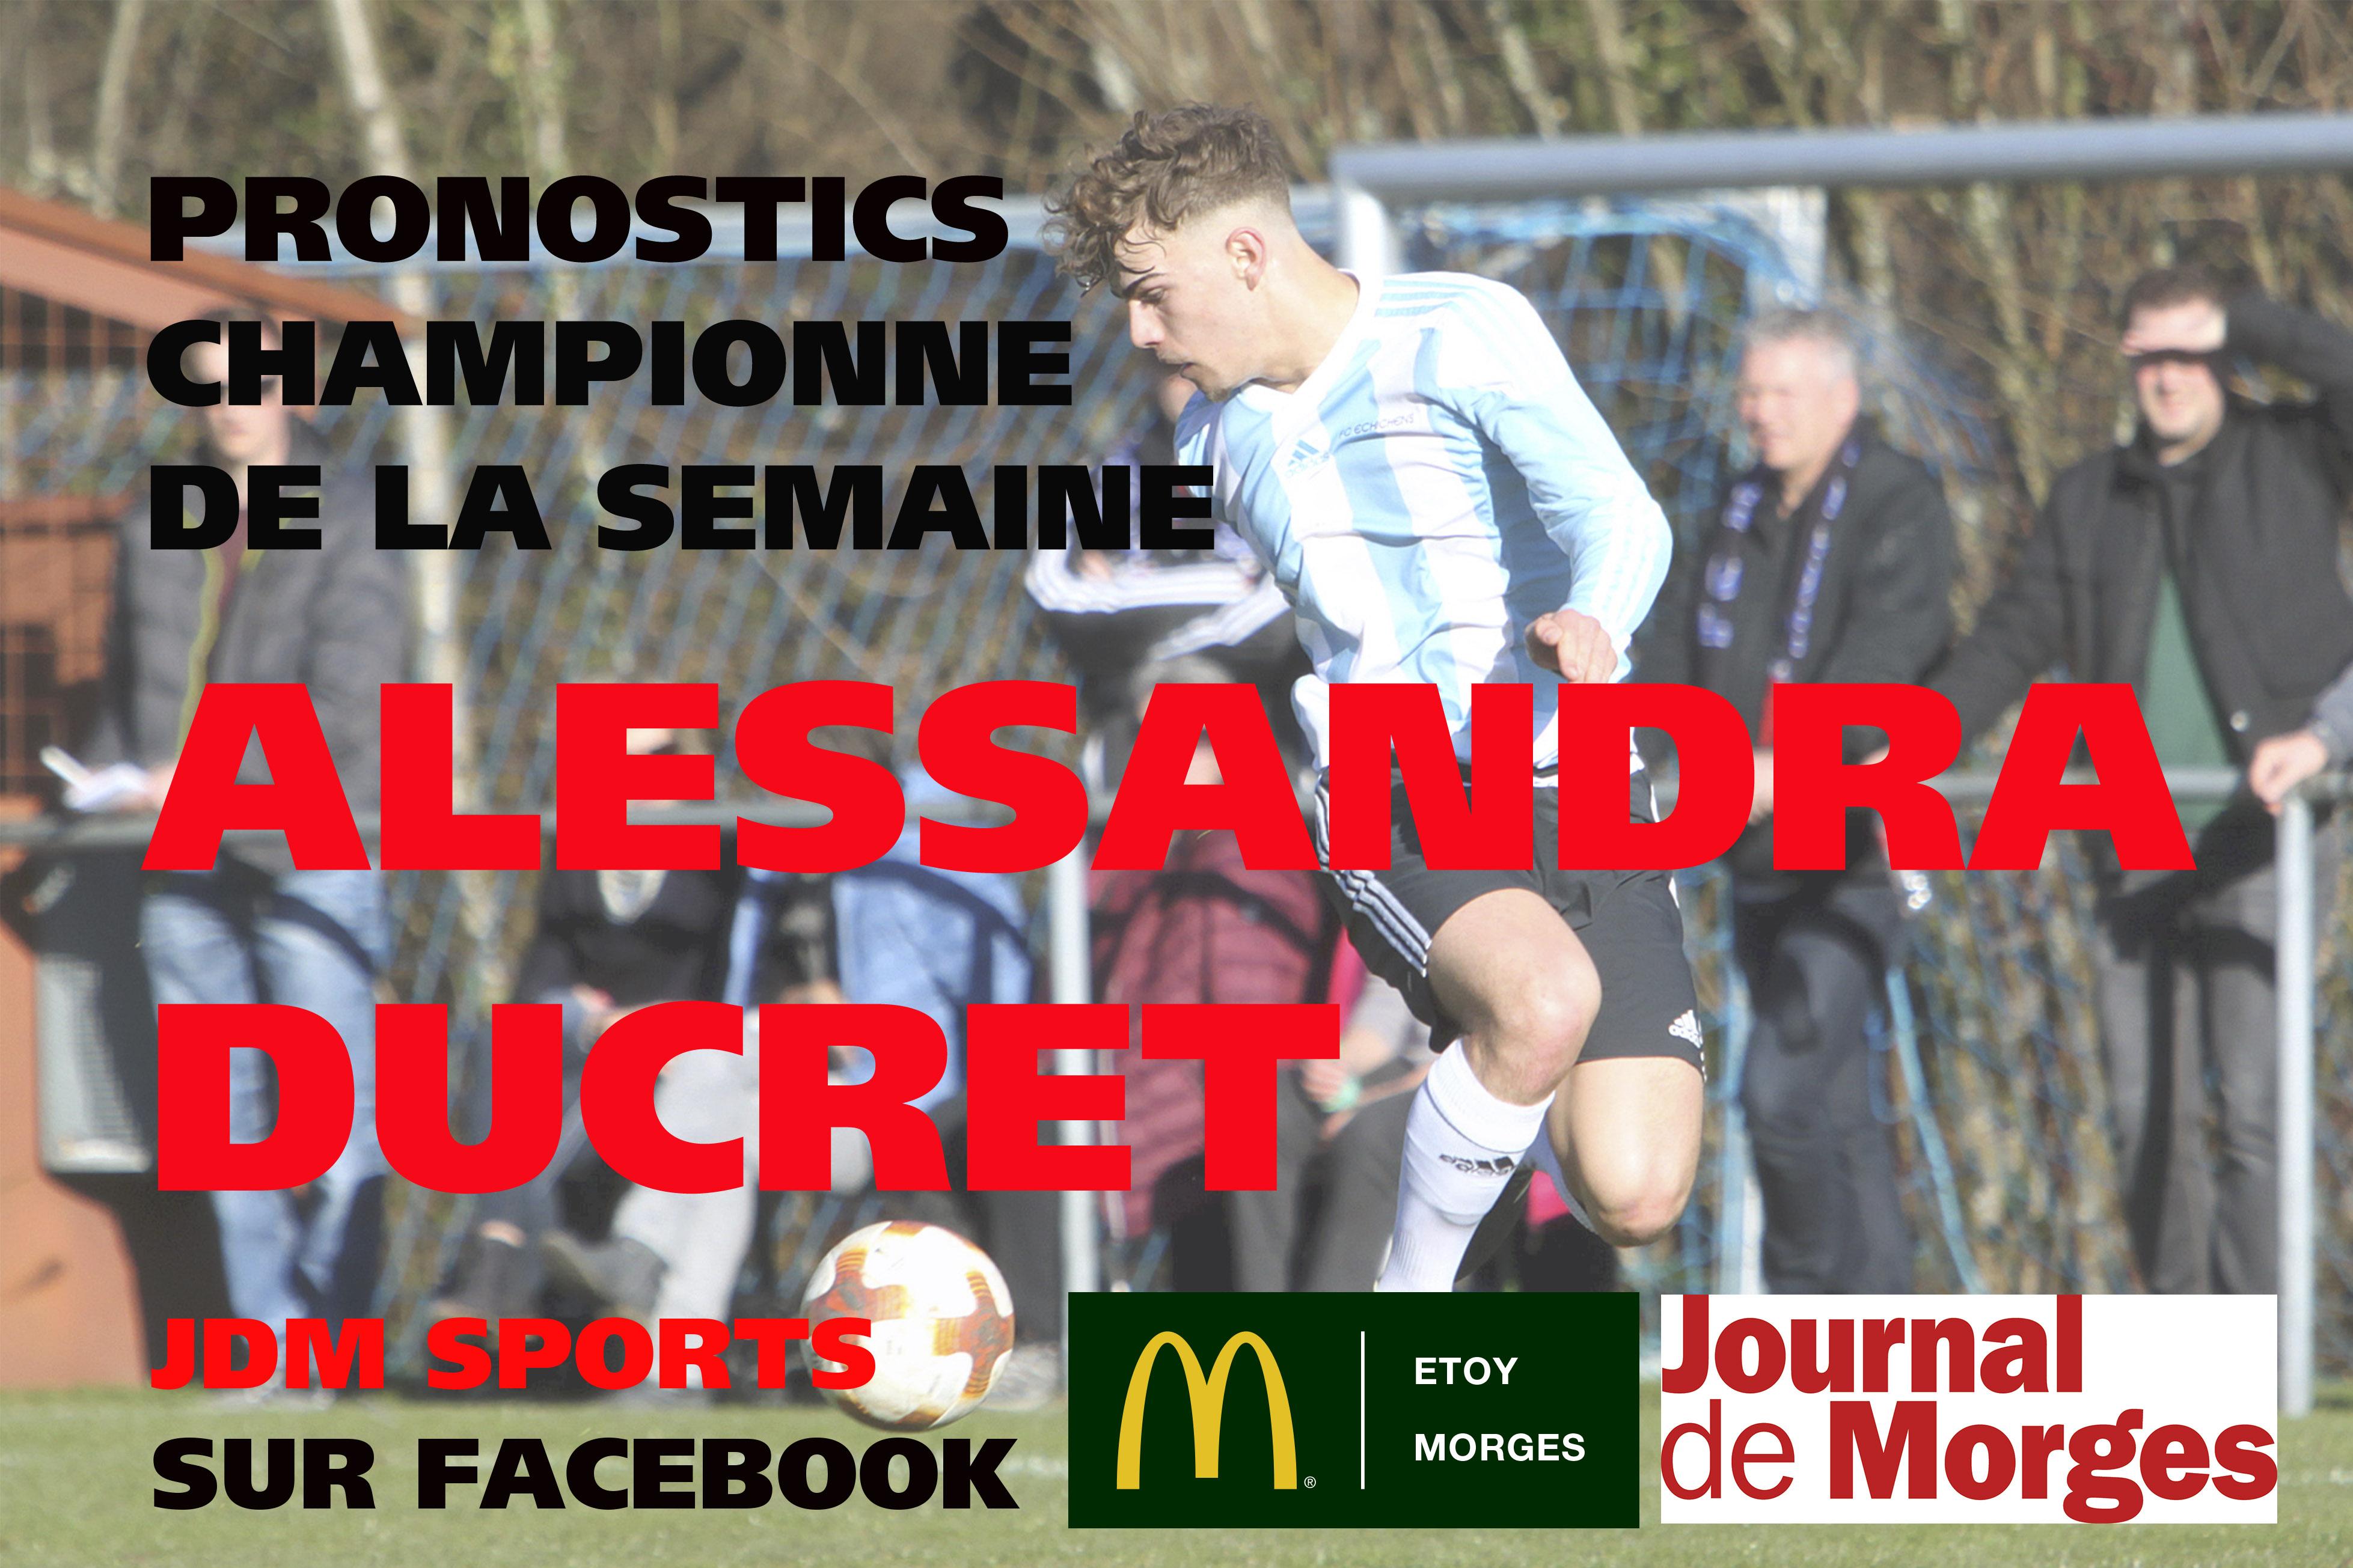 La surprise Alessandra Ducret!